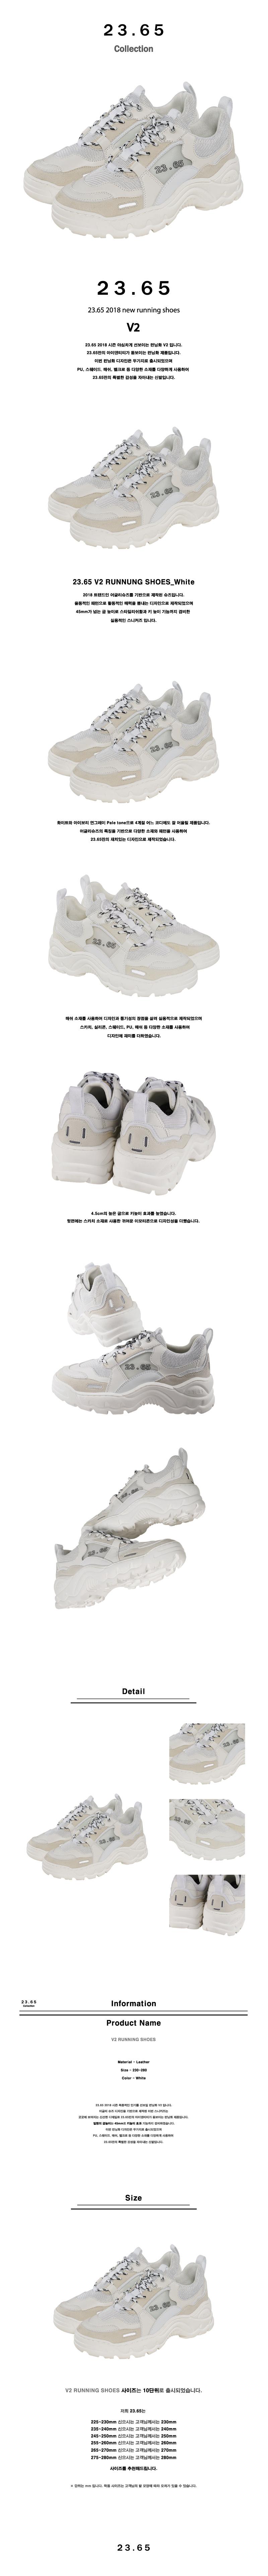 이십삼점육오(23.65) V2 Shoes